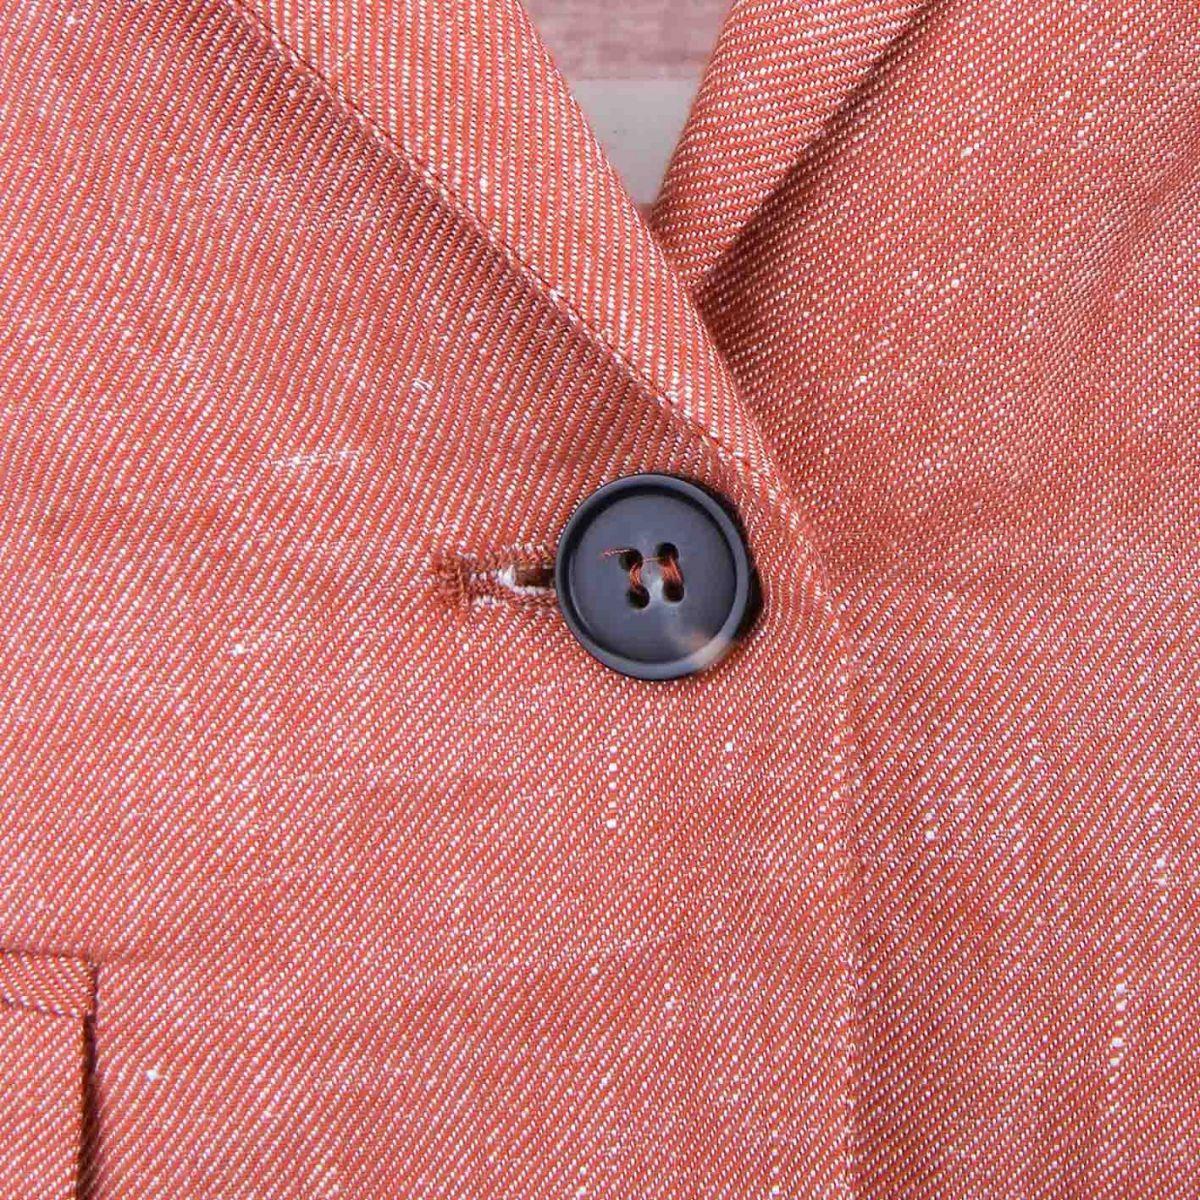 Veste droite lin mix manches froncées poches rabat